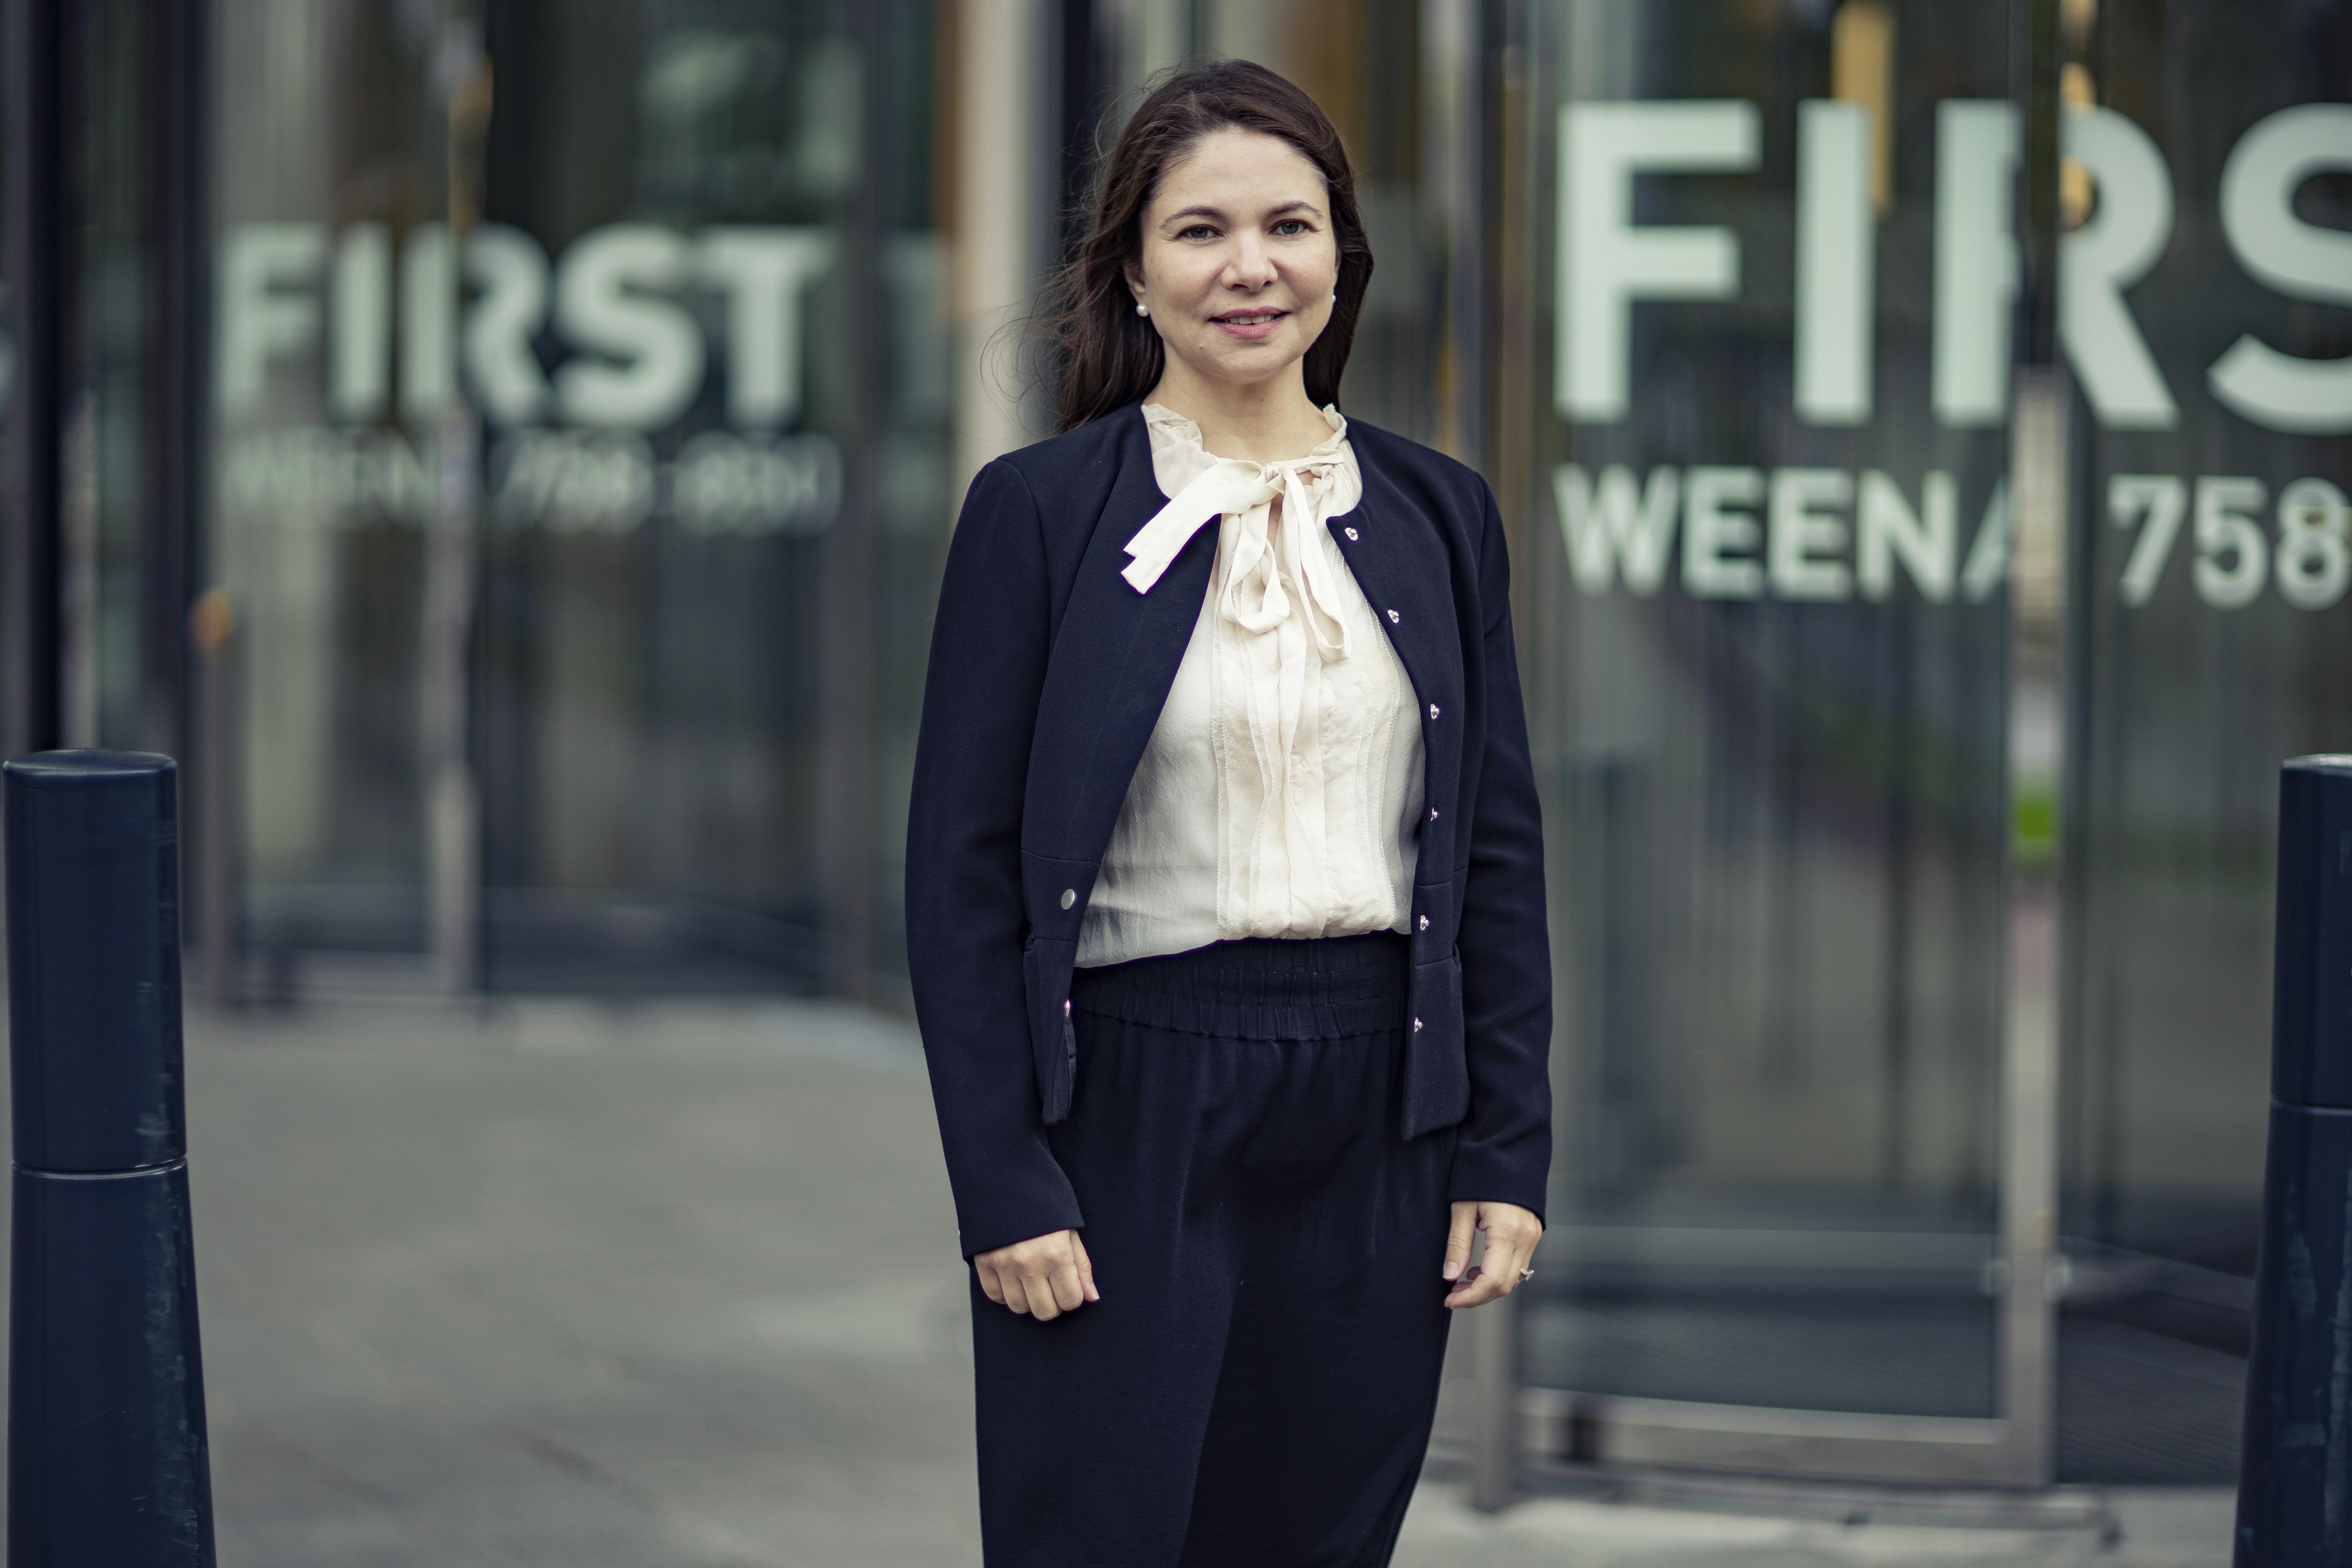 Entrevista Daniela da Costa-Bulthuis: Práticas e análises ESG reforçam a sustentabilidade dos negócios no longo prazo